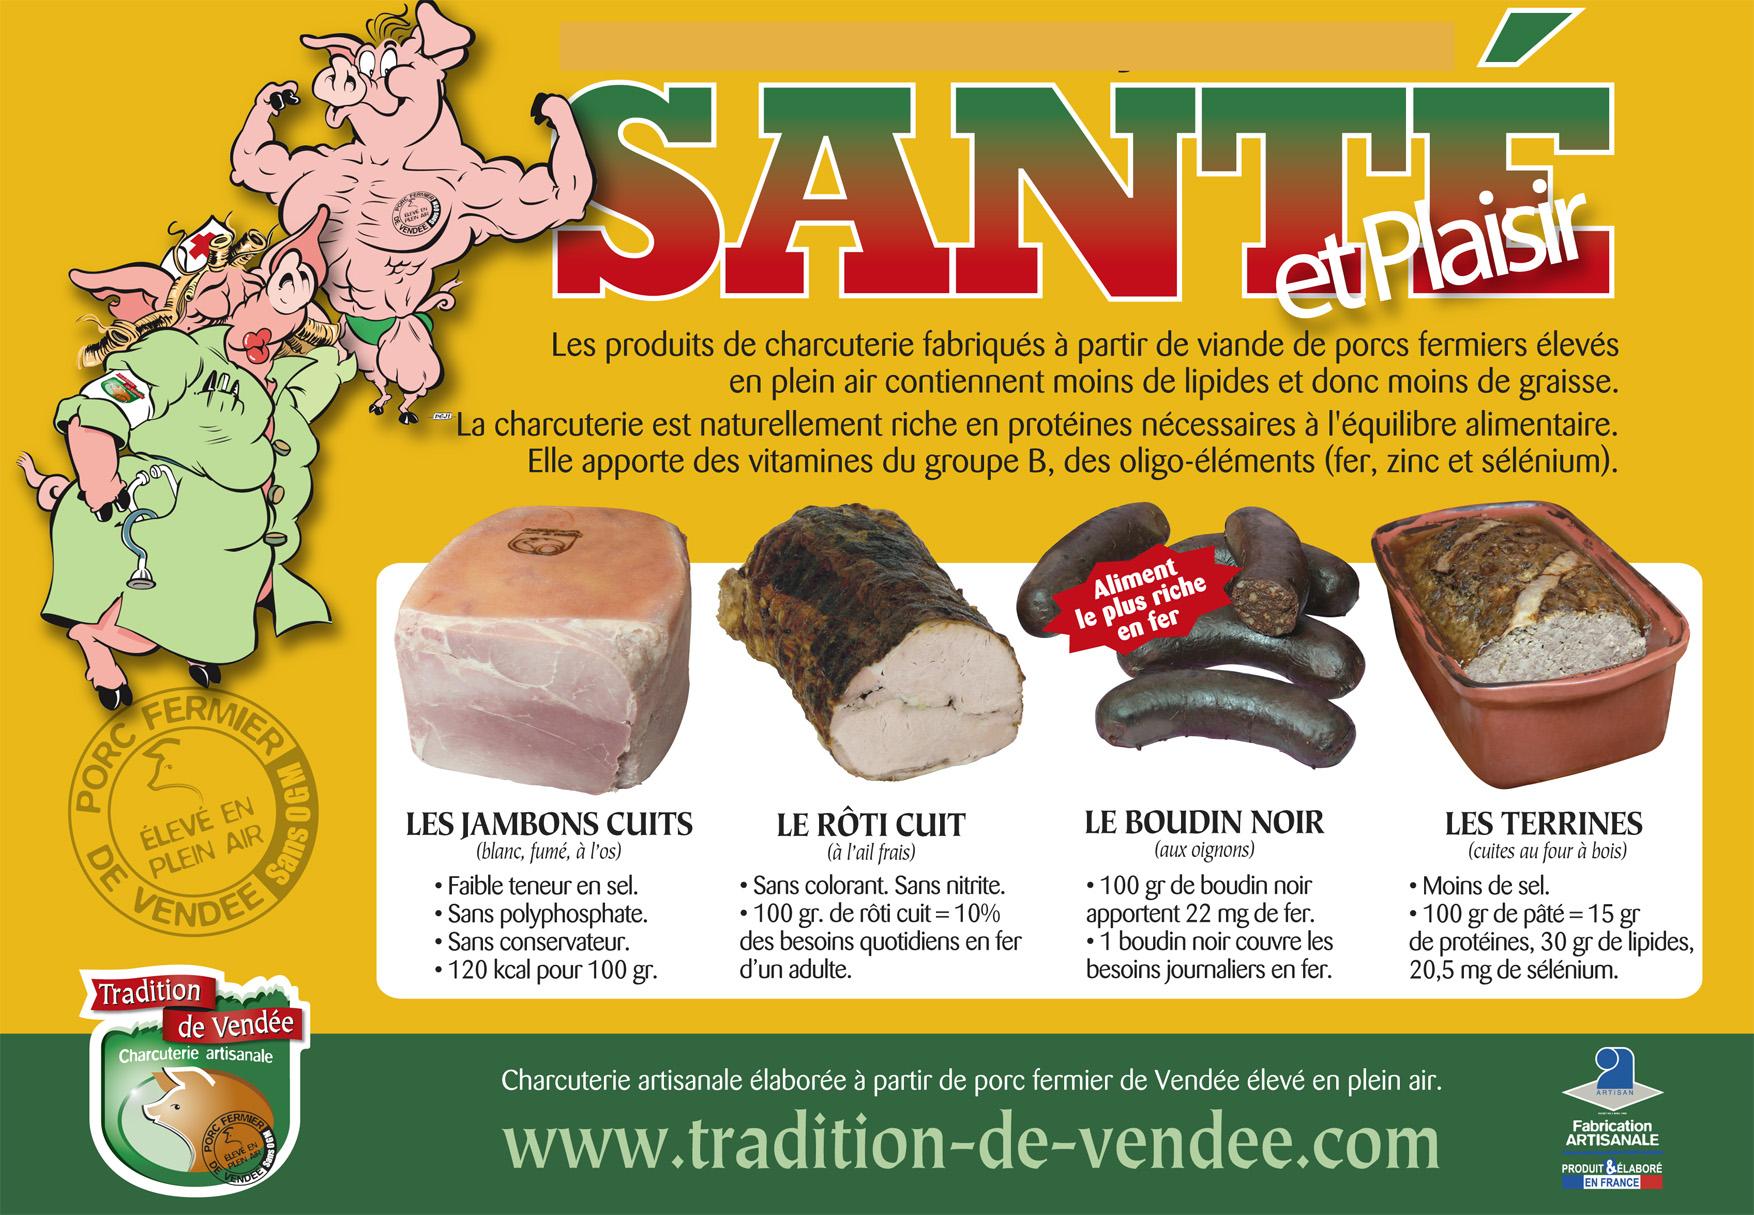 Sante-Plaisir